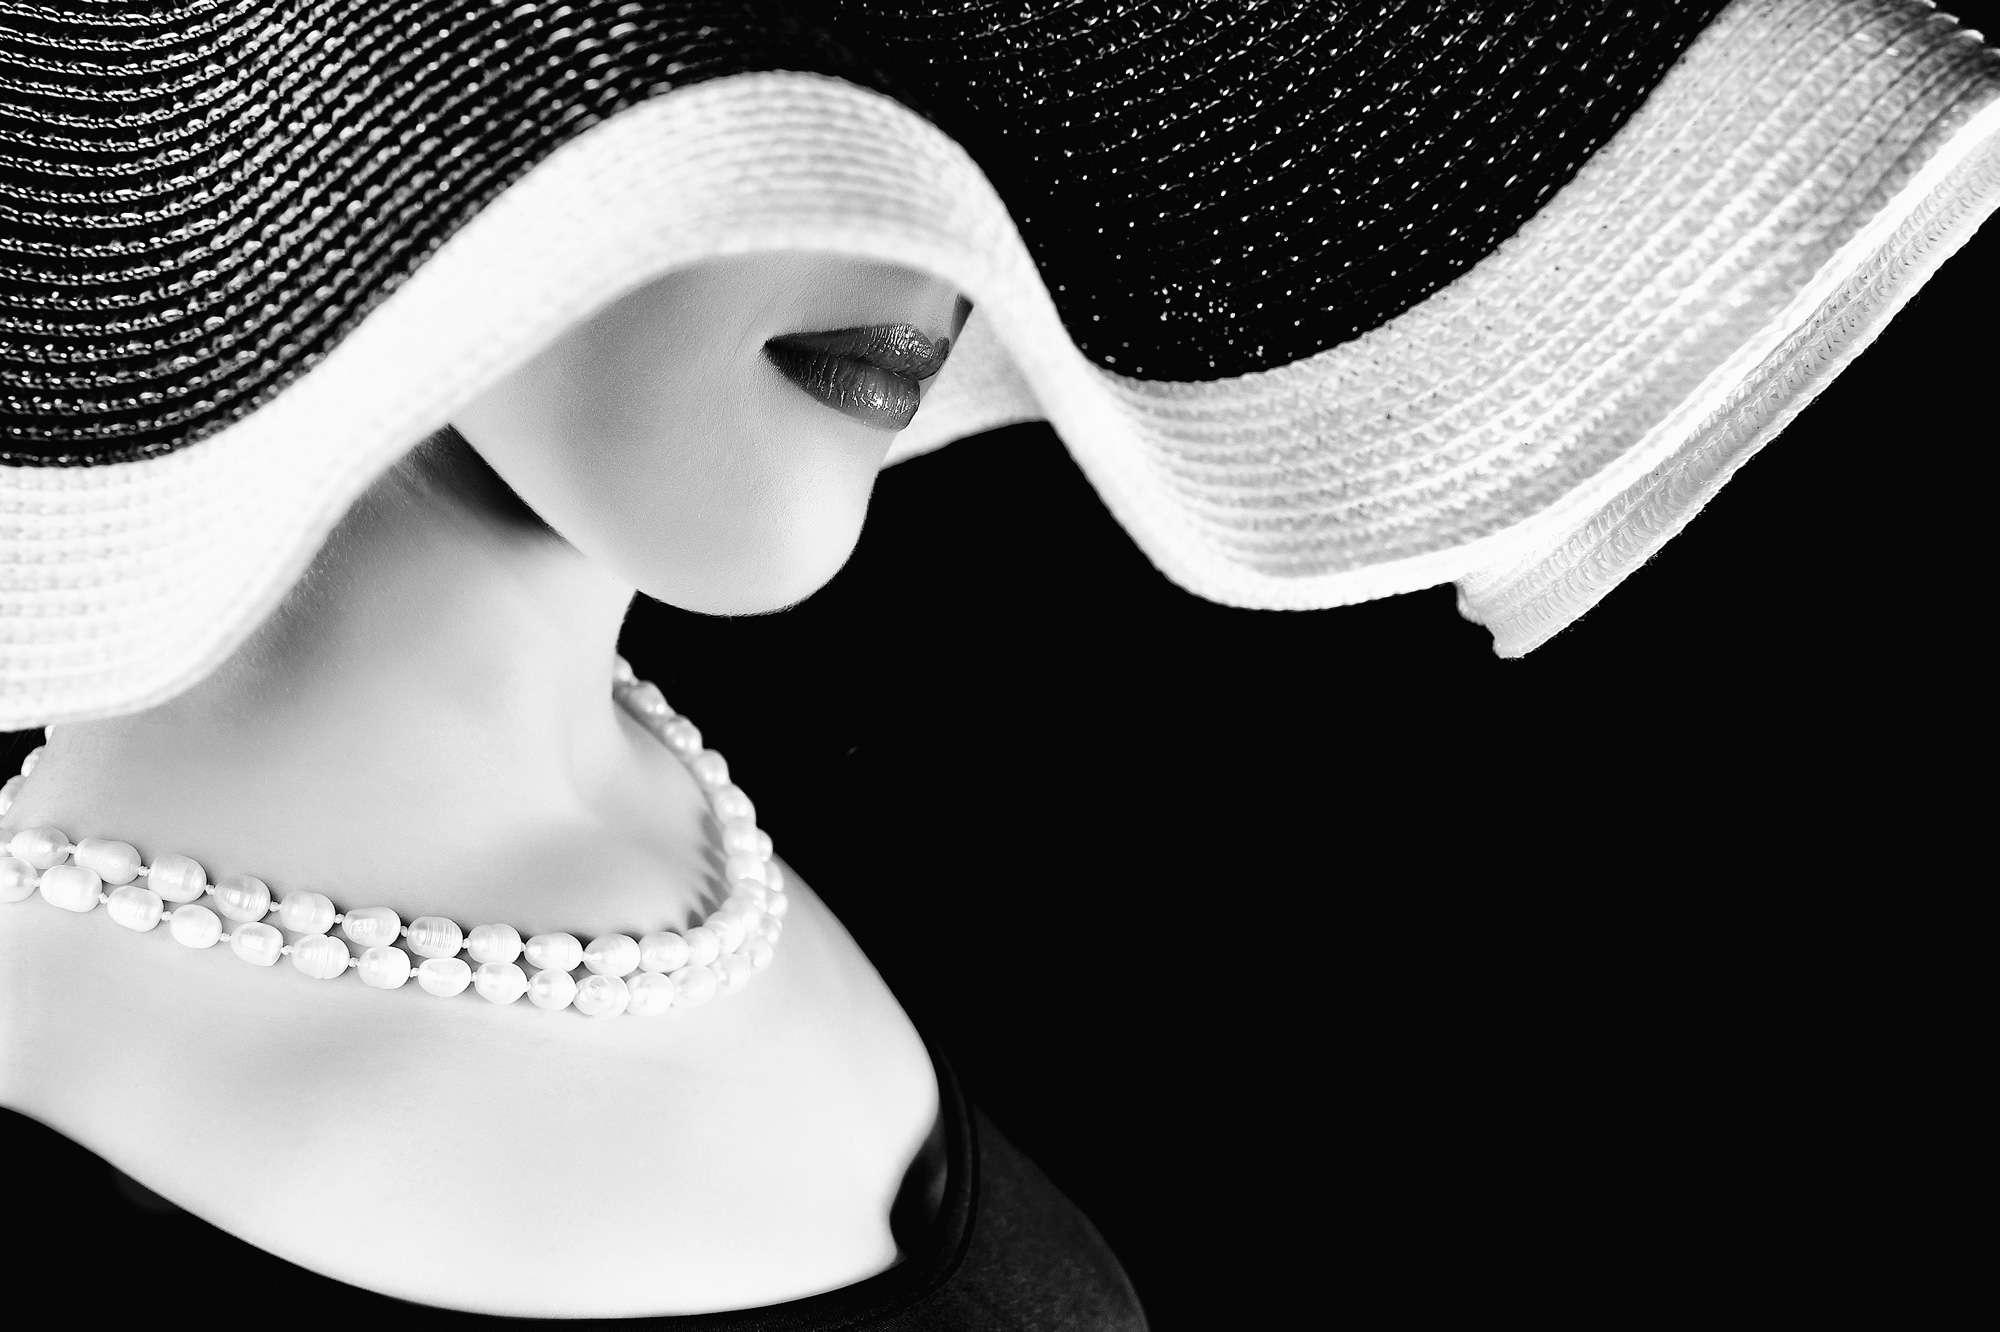 Ruslan Bolgov - The Lady in Pearls II